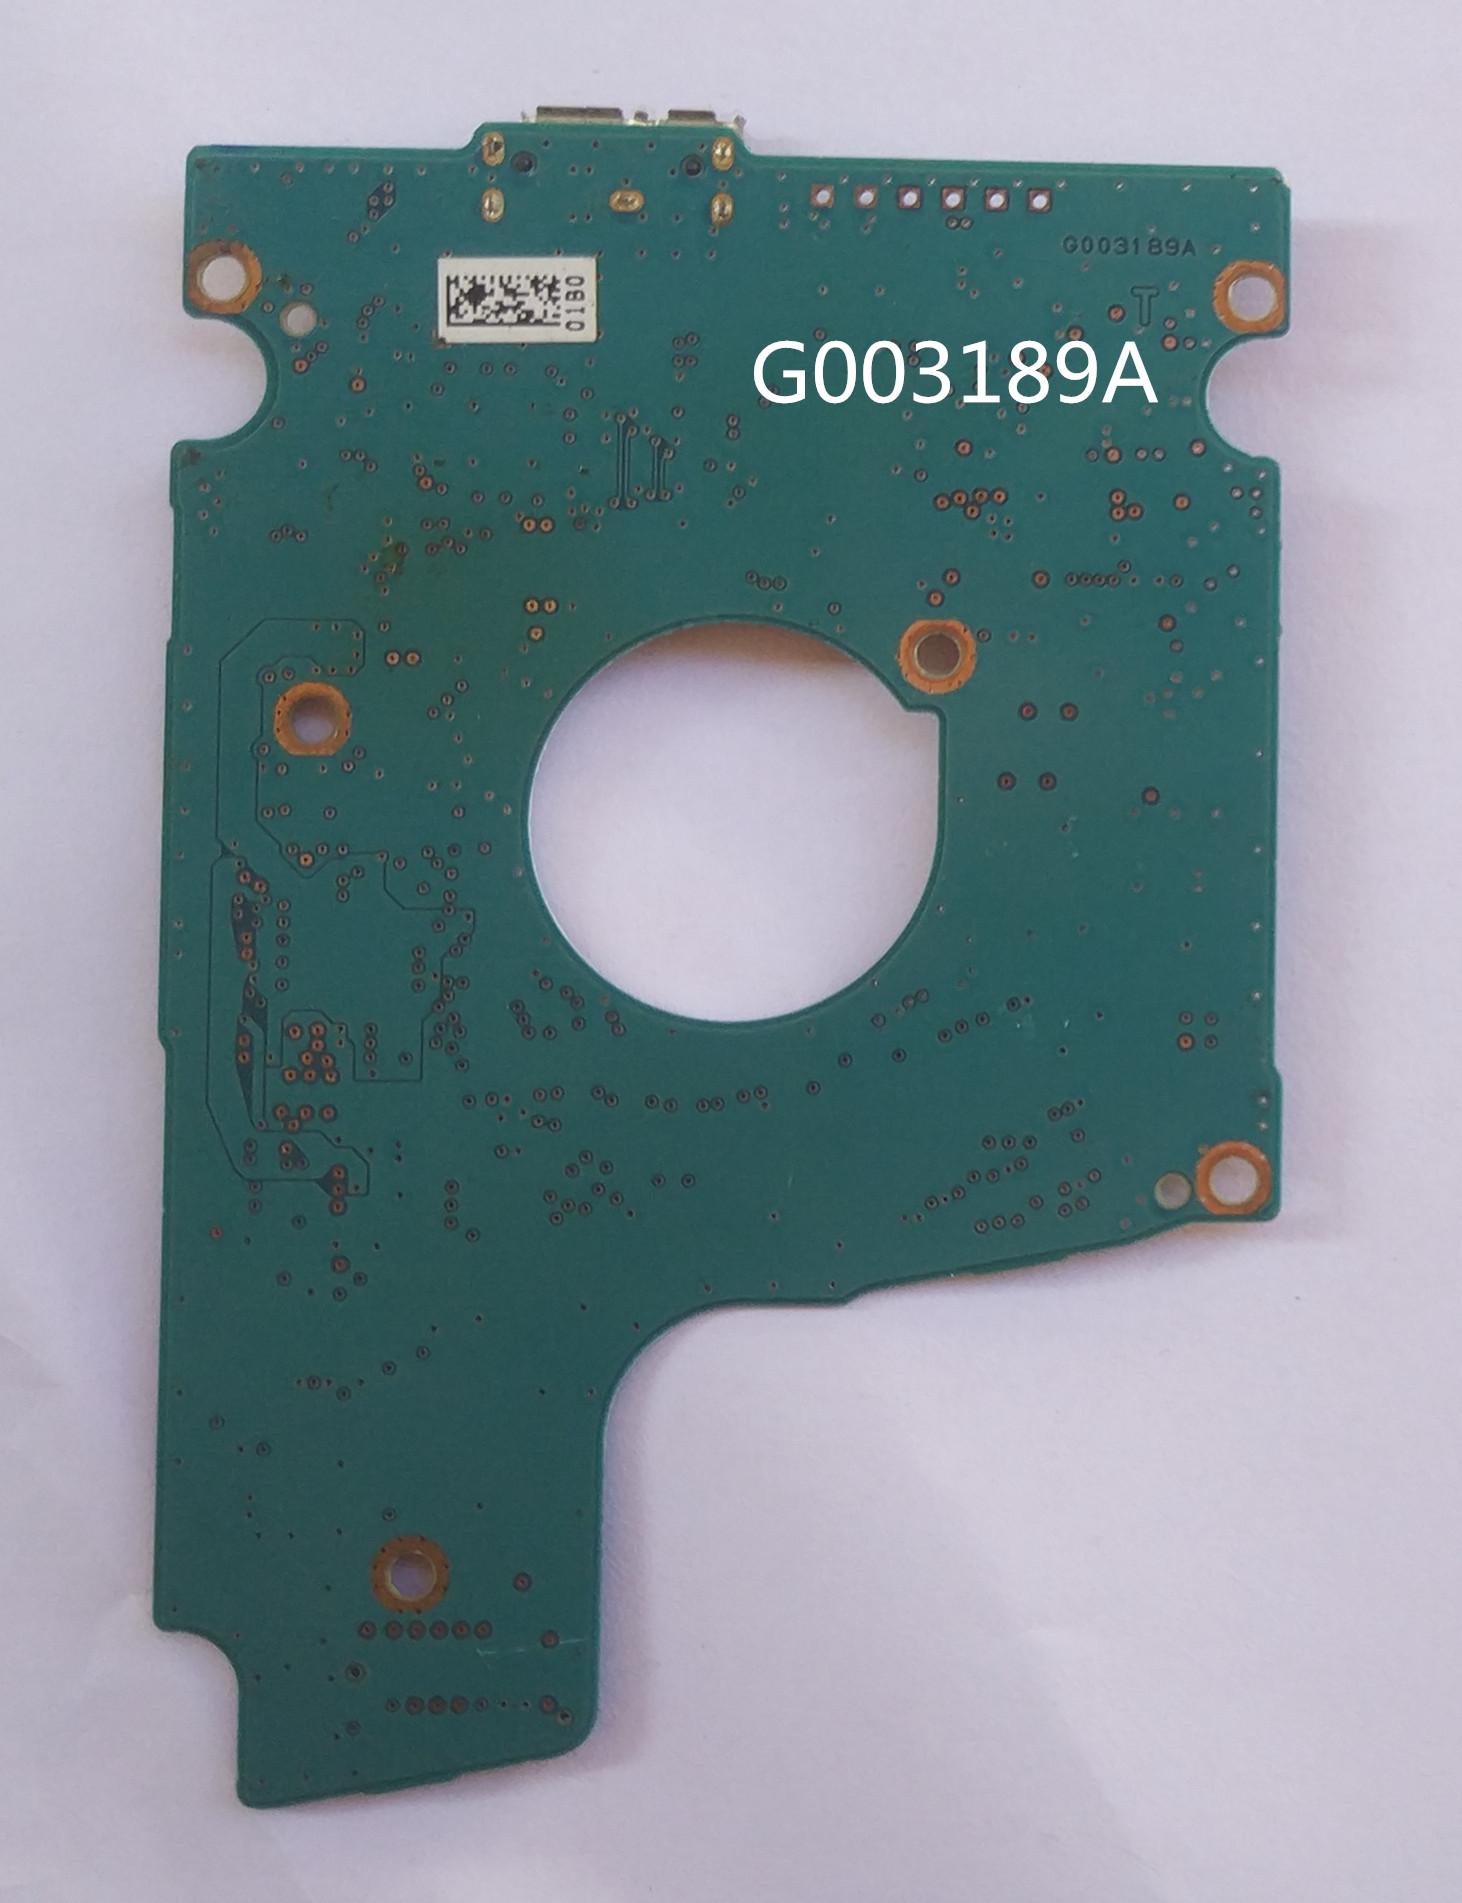 Toshiba sata - schnittstelle 500G1T usb3.0 geändert. G003189A mobile festplatte PCB Nr.